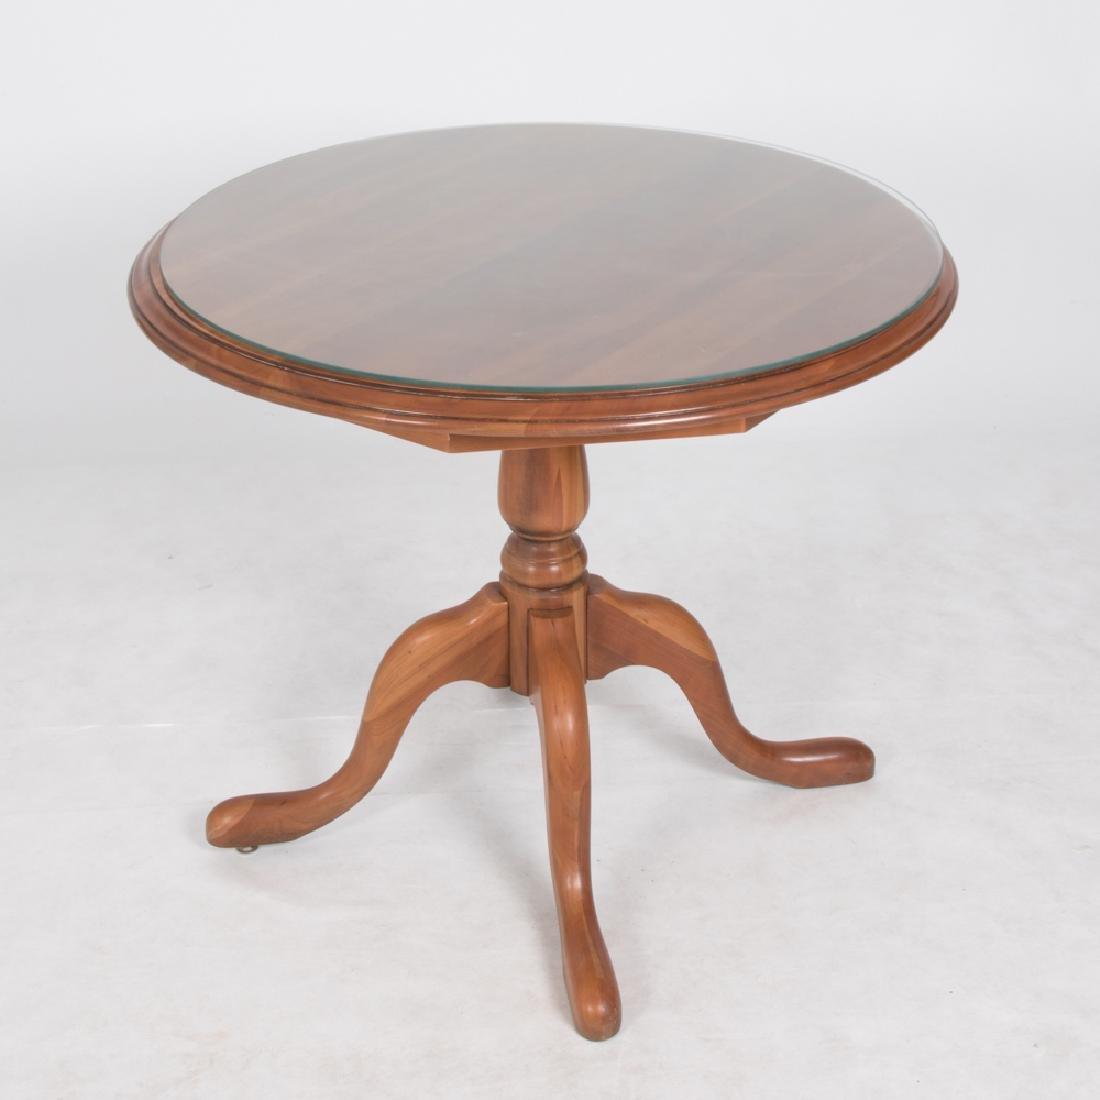 A Harden Cherry Circular Table, 20th Century,